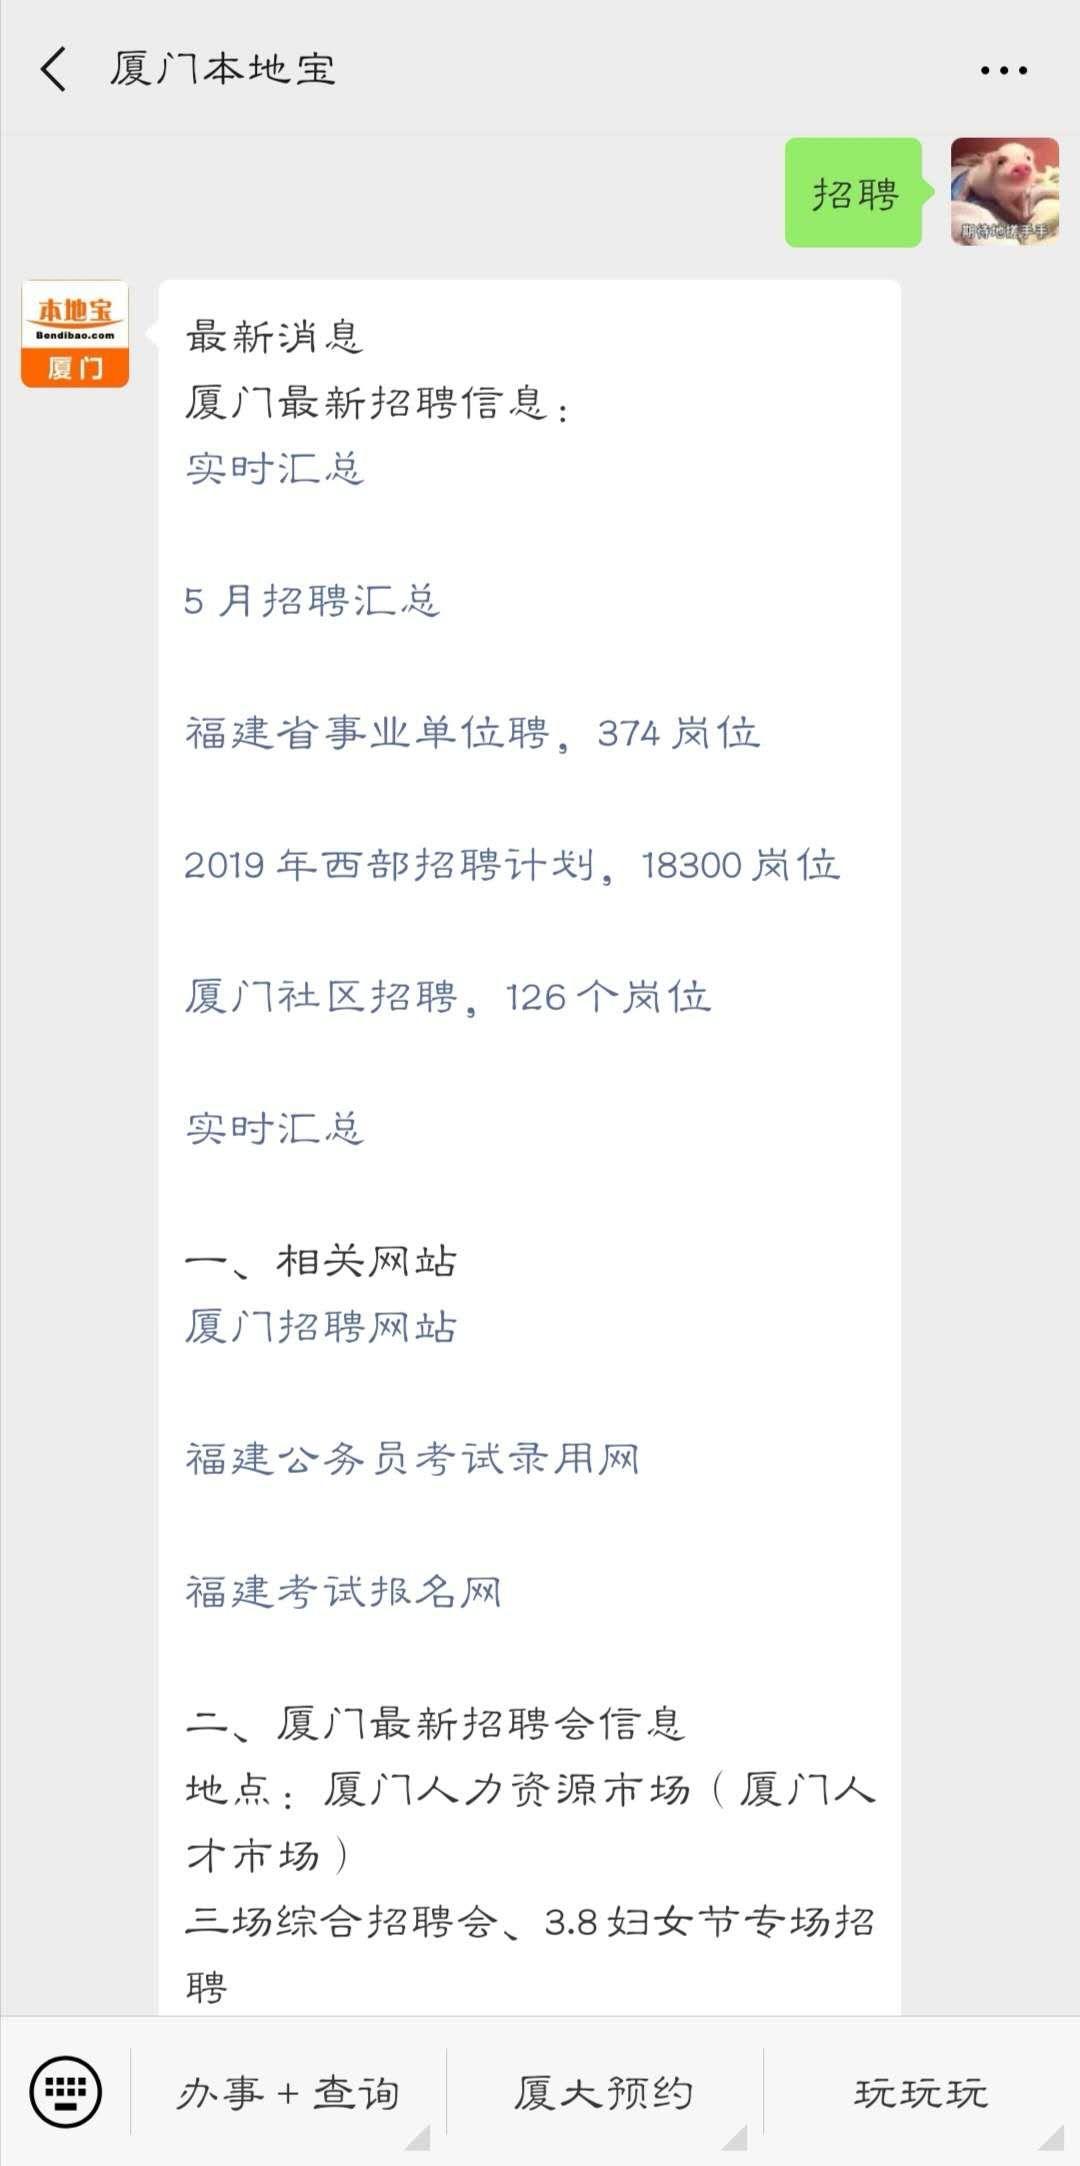 第十一届海峡论坛·第十四届台湾专业人才就业创业暨台生实习见习厦门对接会